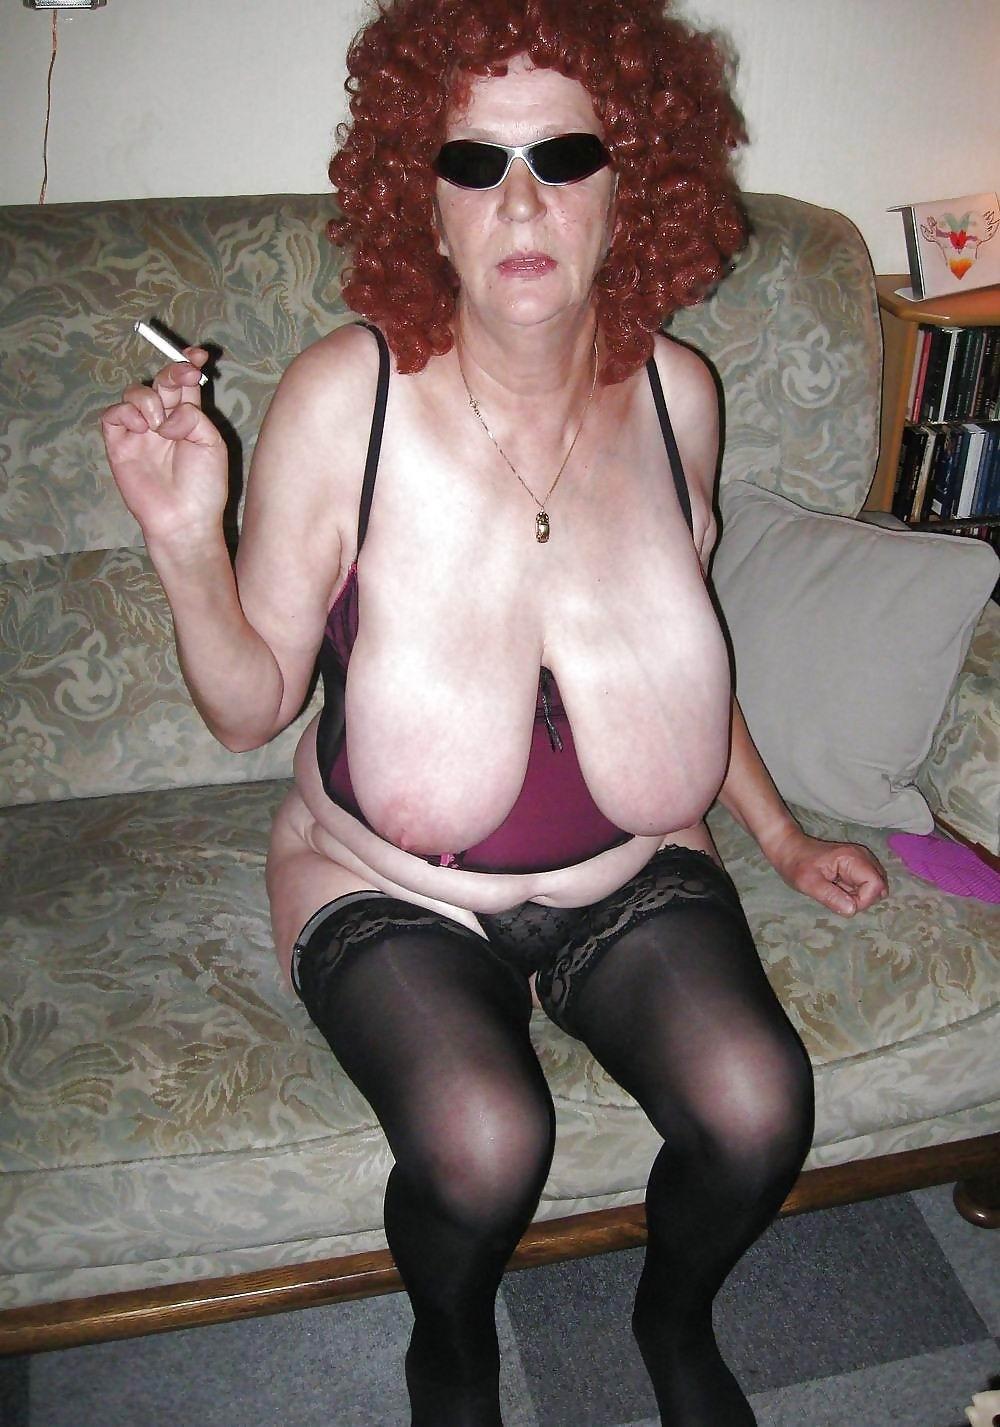 Comet reccomend Huge tit granny slut porn